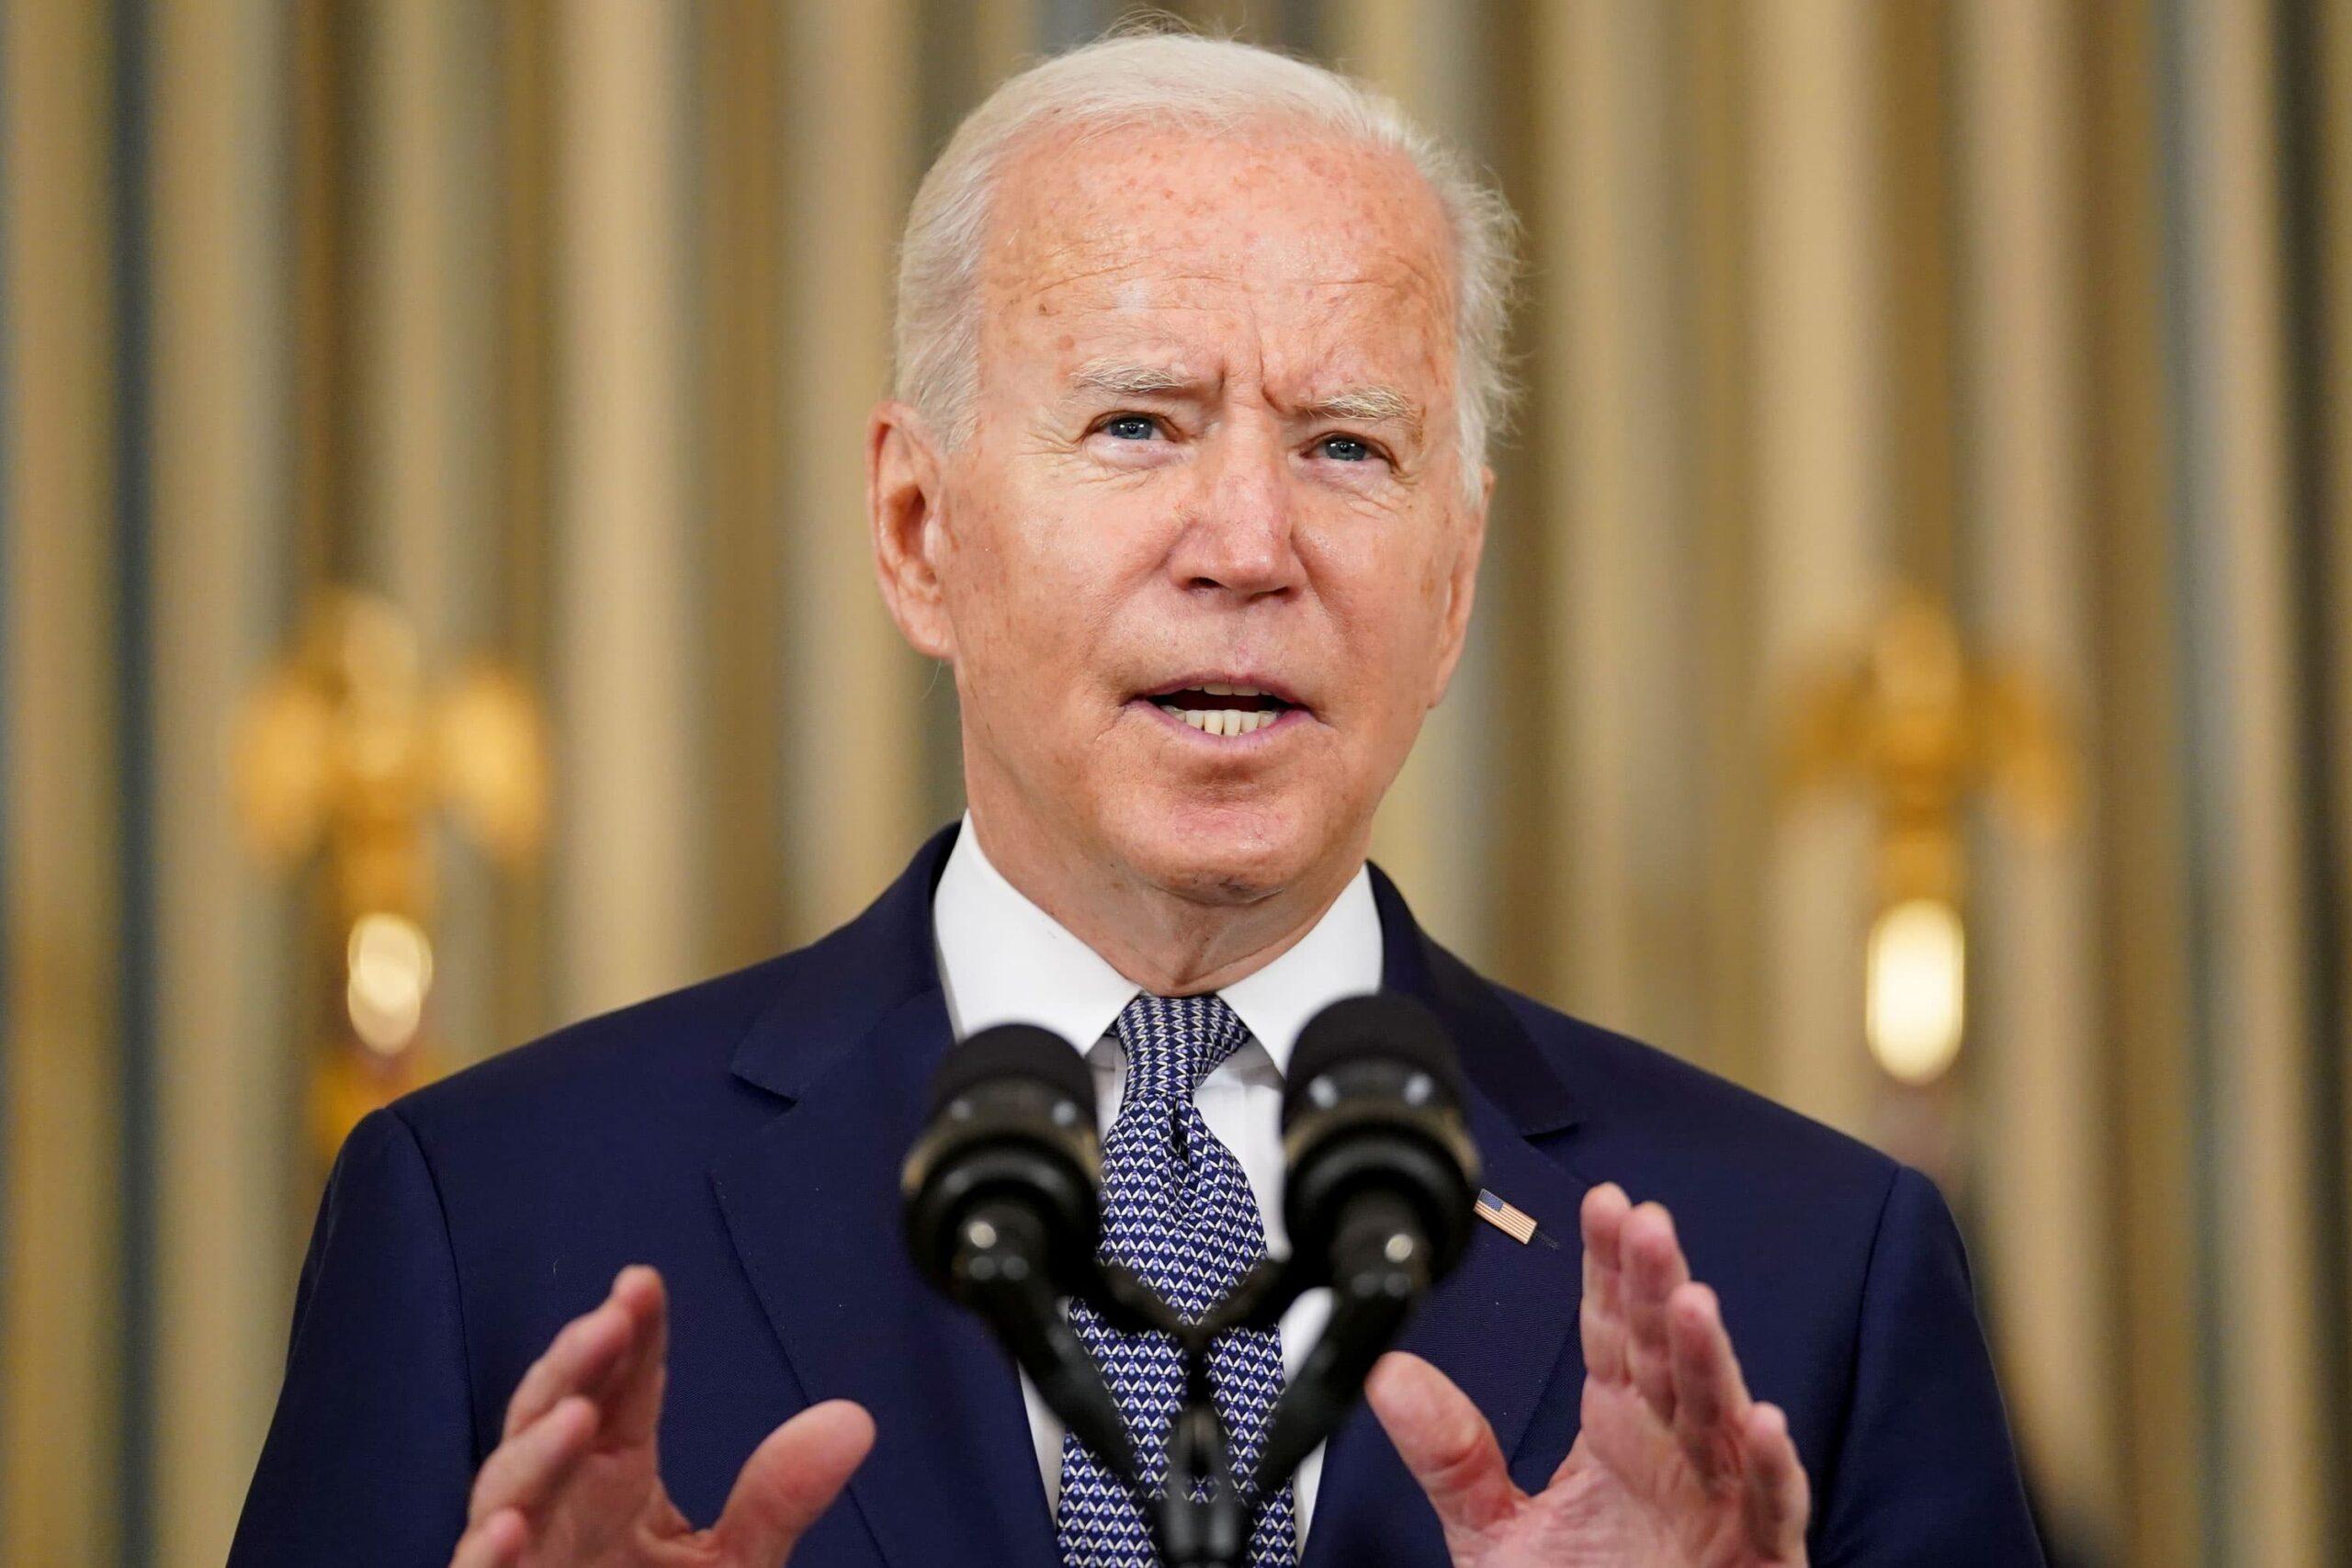 Biden blames delta variant, unvaccinated folks